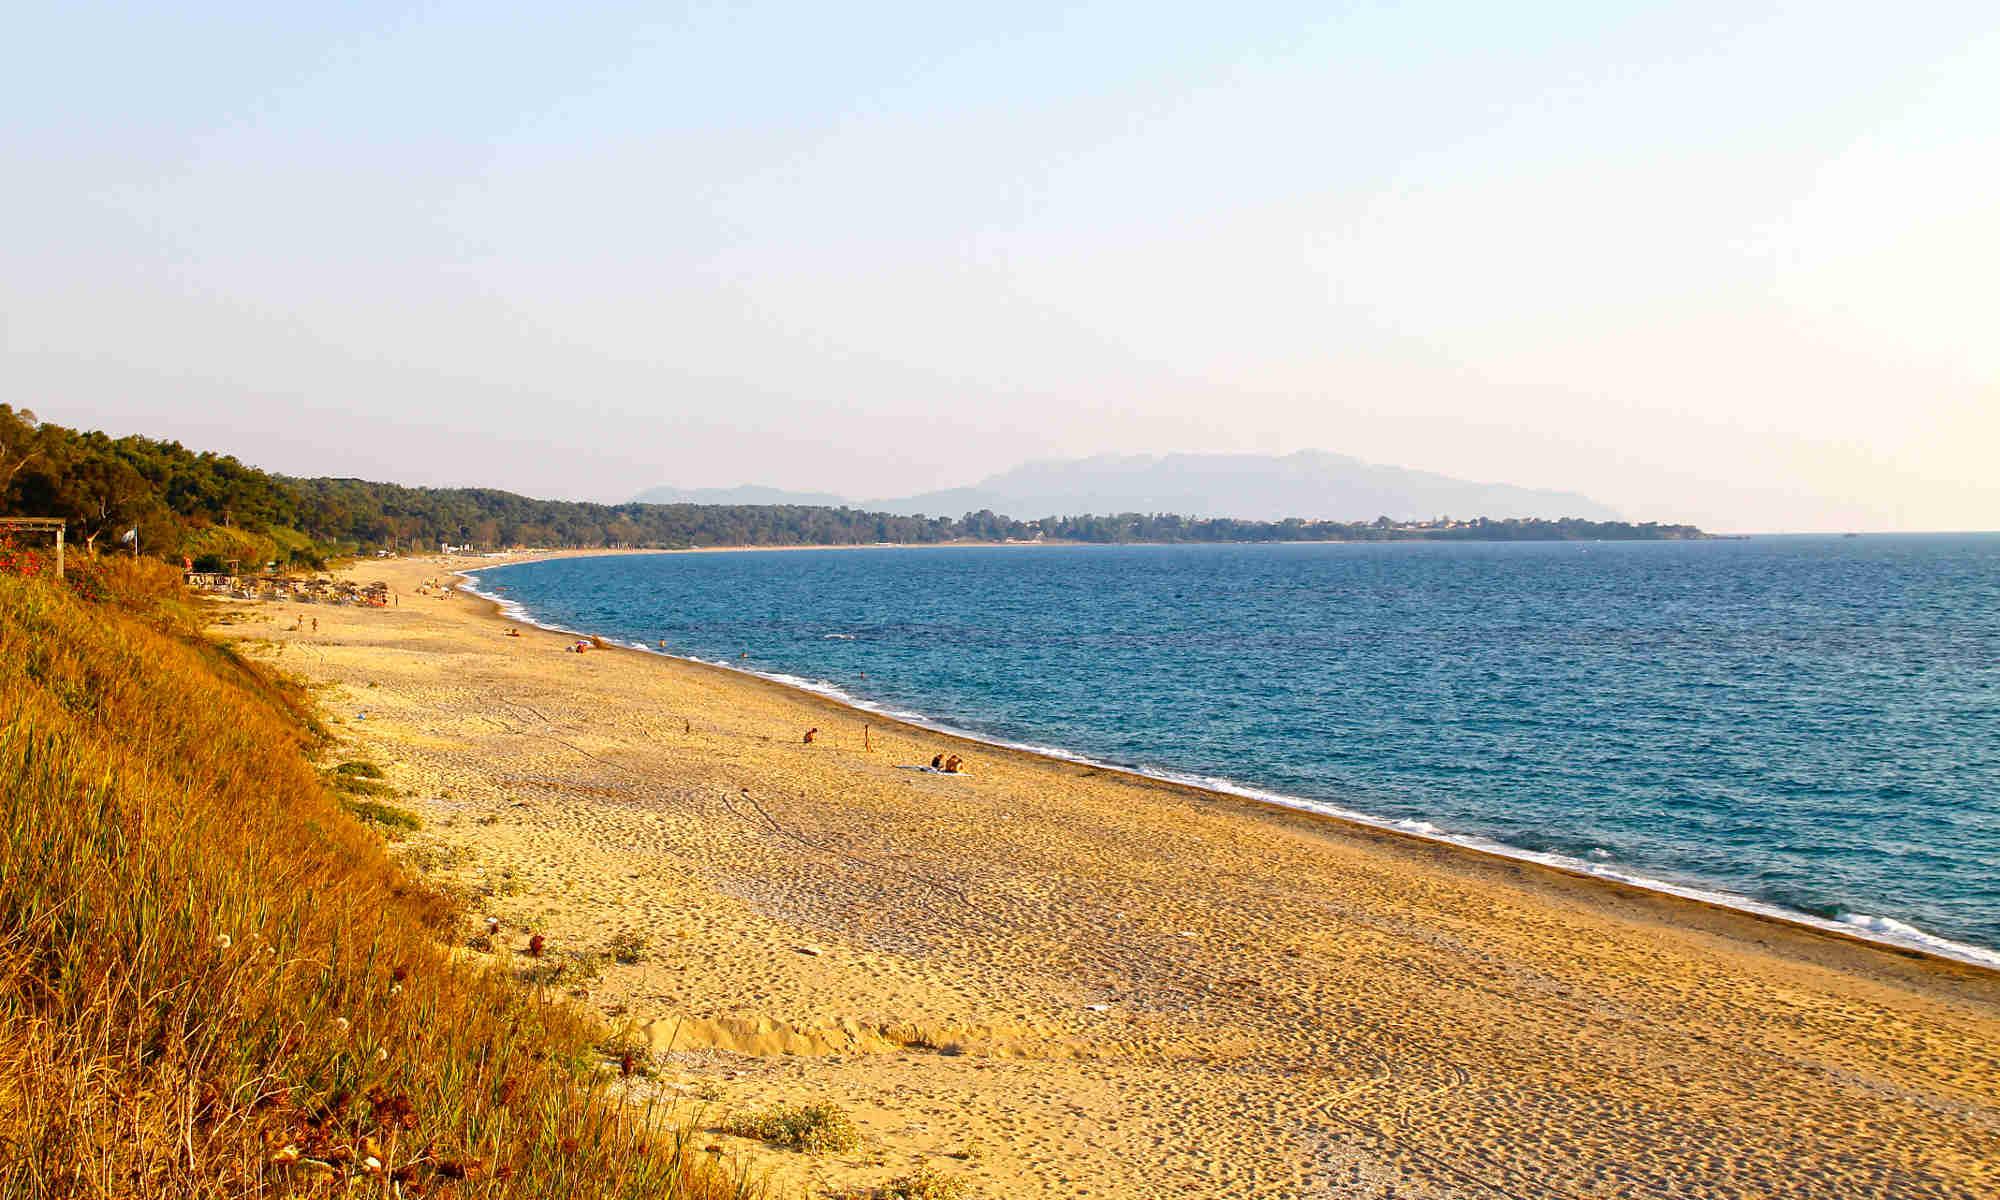 Παραλία Μονολίθι, αριστερά το δάσος, στο βάθος ο Μύτικας - http://anixipreveza.gr